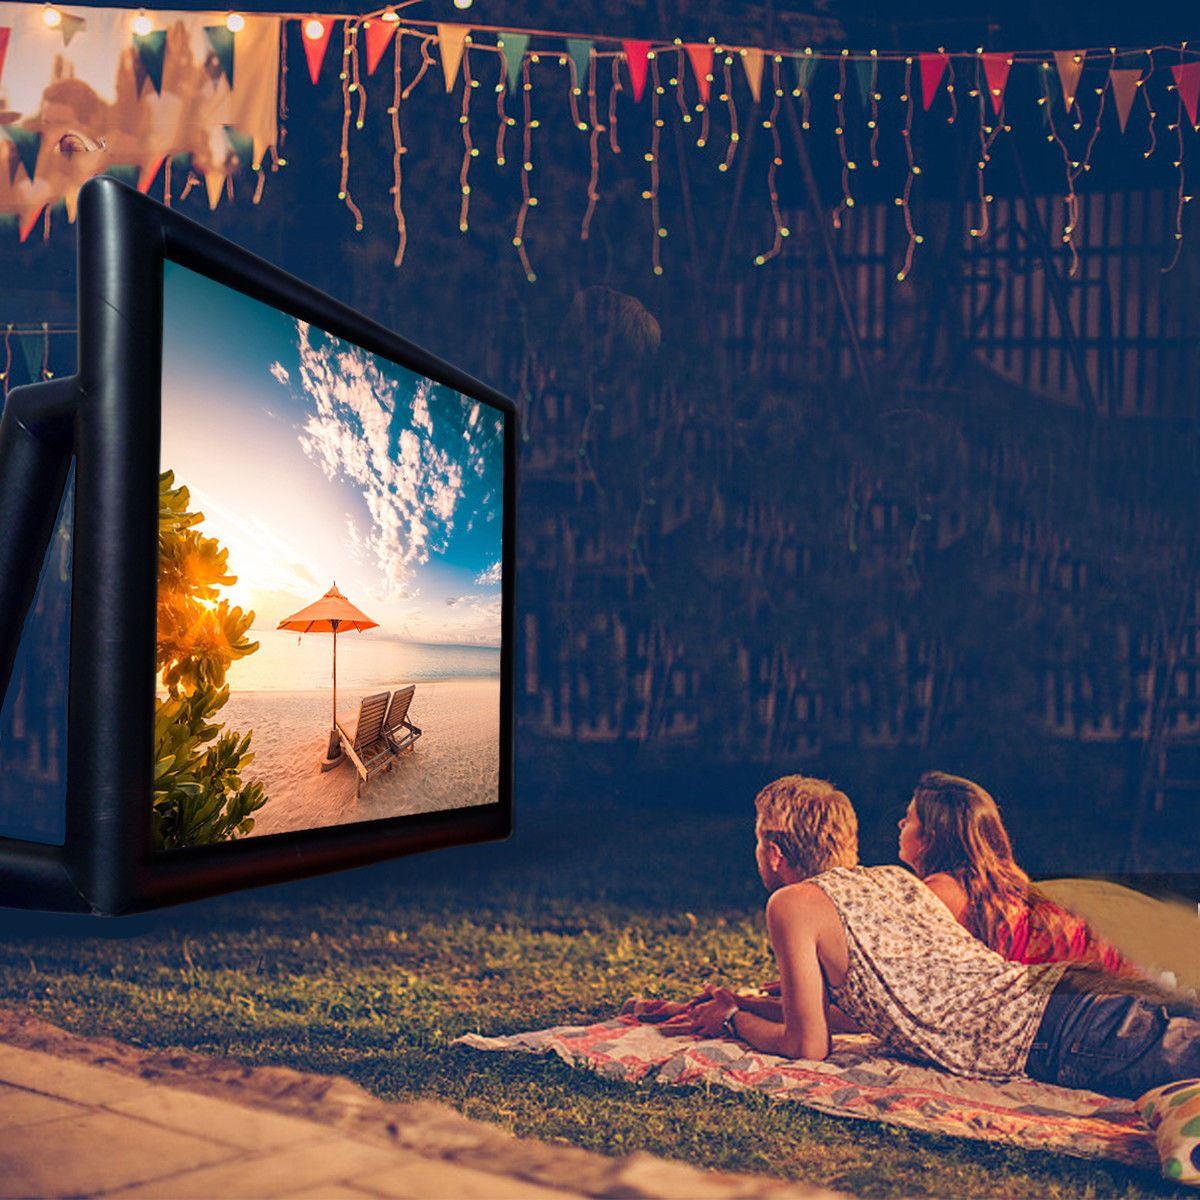 картинки на домашний экран фартуки, сделанные